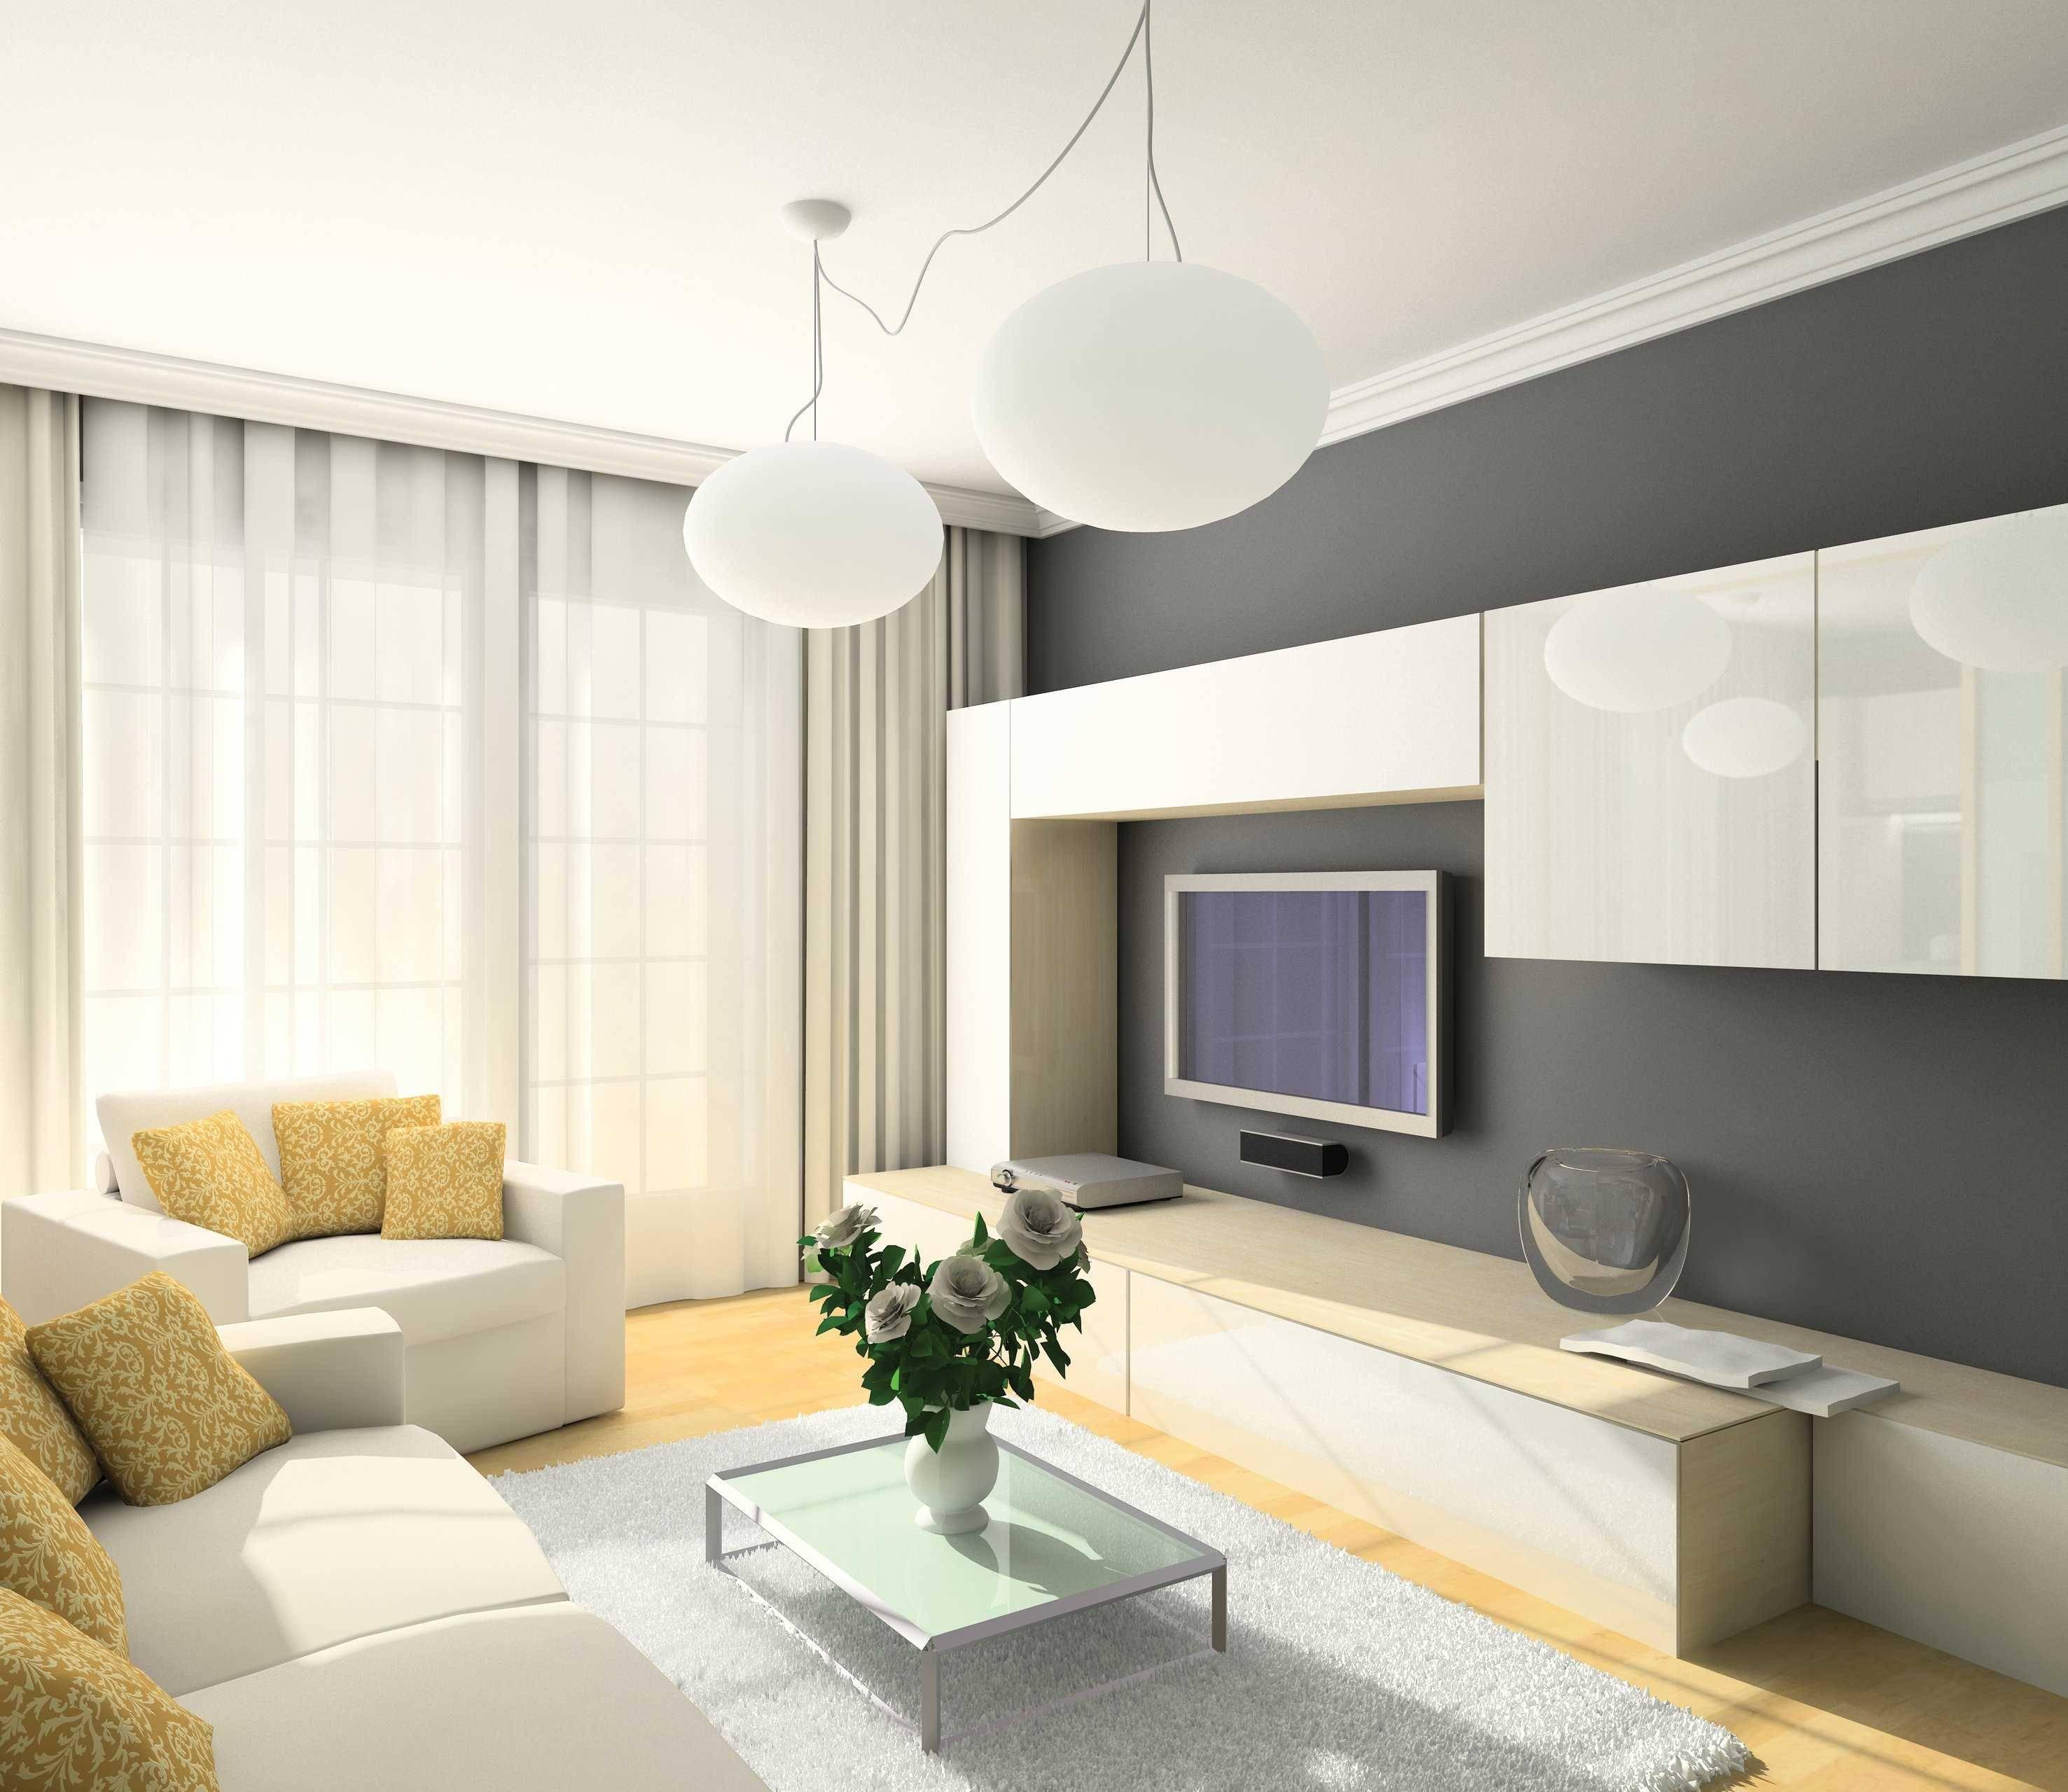 Гостиная 22 кв. м.: 110 фото лучших идей ремонта и оформления гостиной комнаты